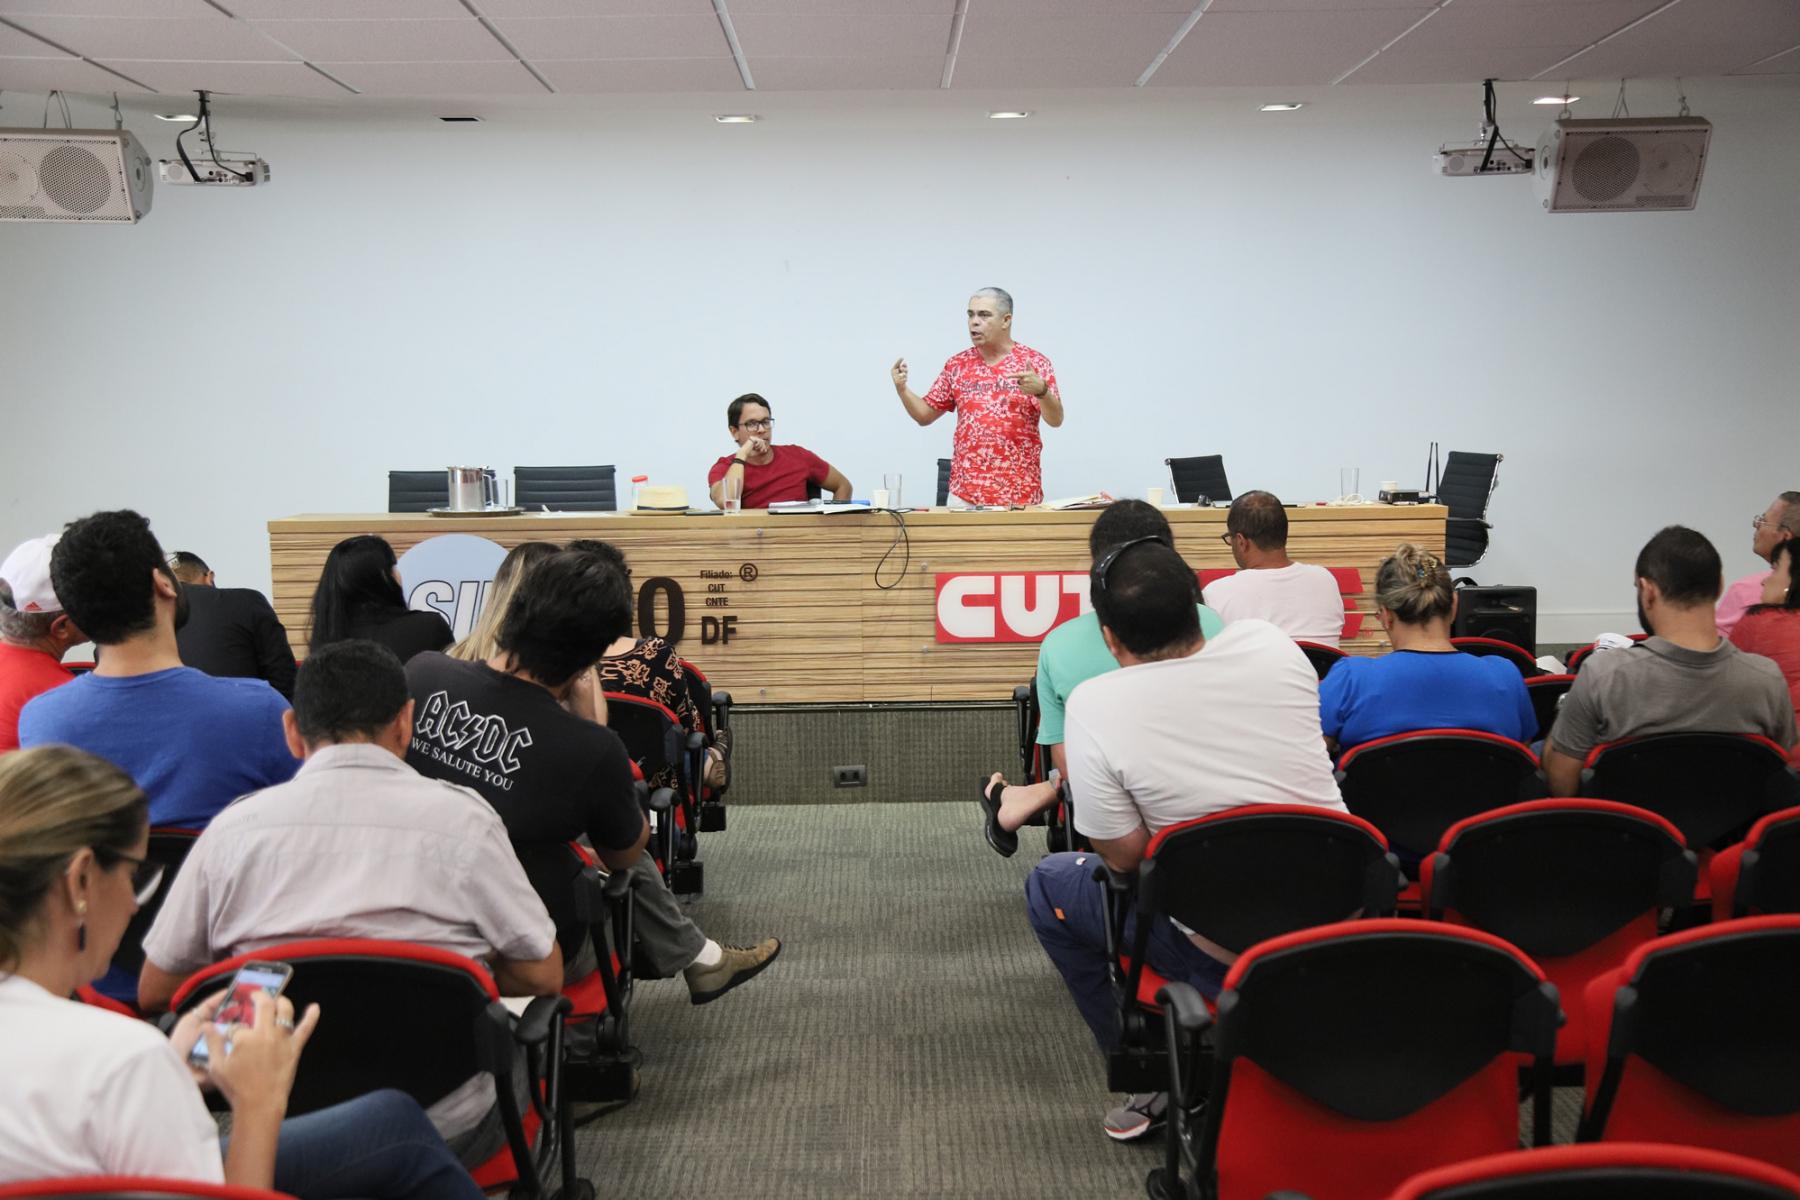 2019.01.17-Reuniao-sobre-Militarizacao-das-escolas-7